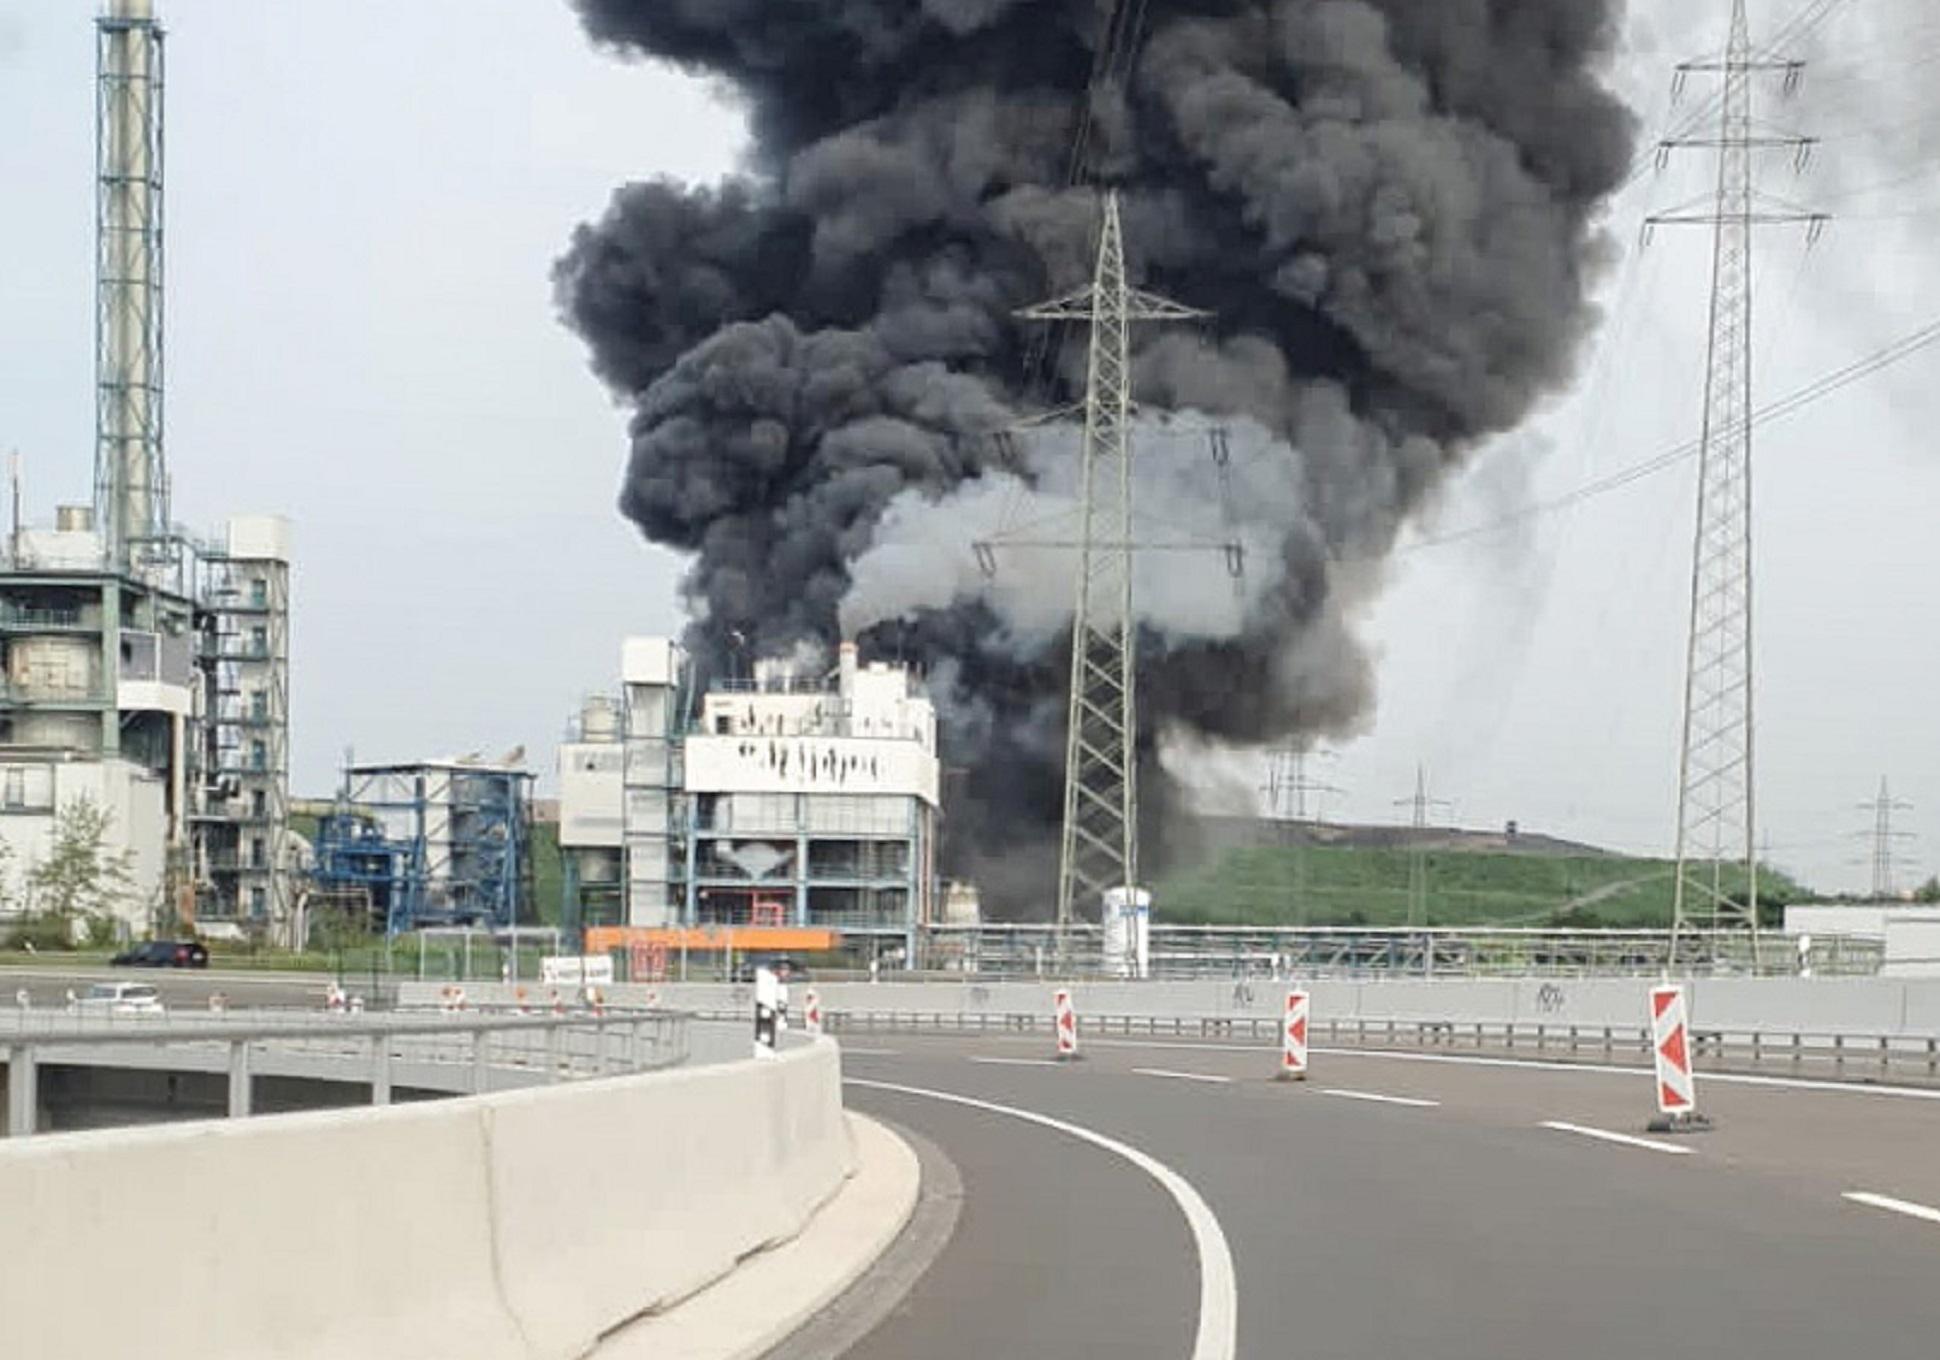 Γερμανία: Ακόμη 3 νεκροί από την έκρηξη στο εργοστάσιο στο Λεβερκόυζεν